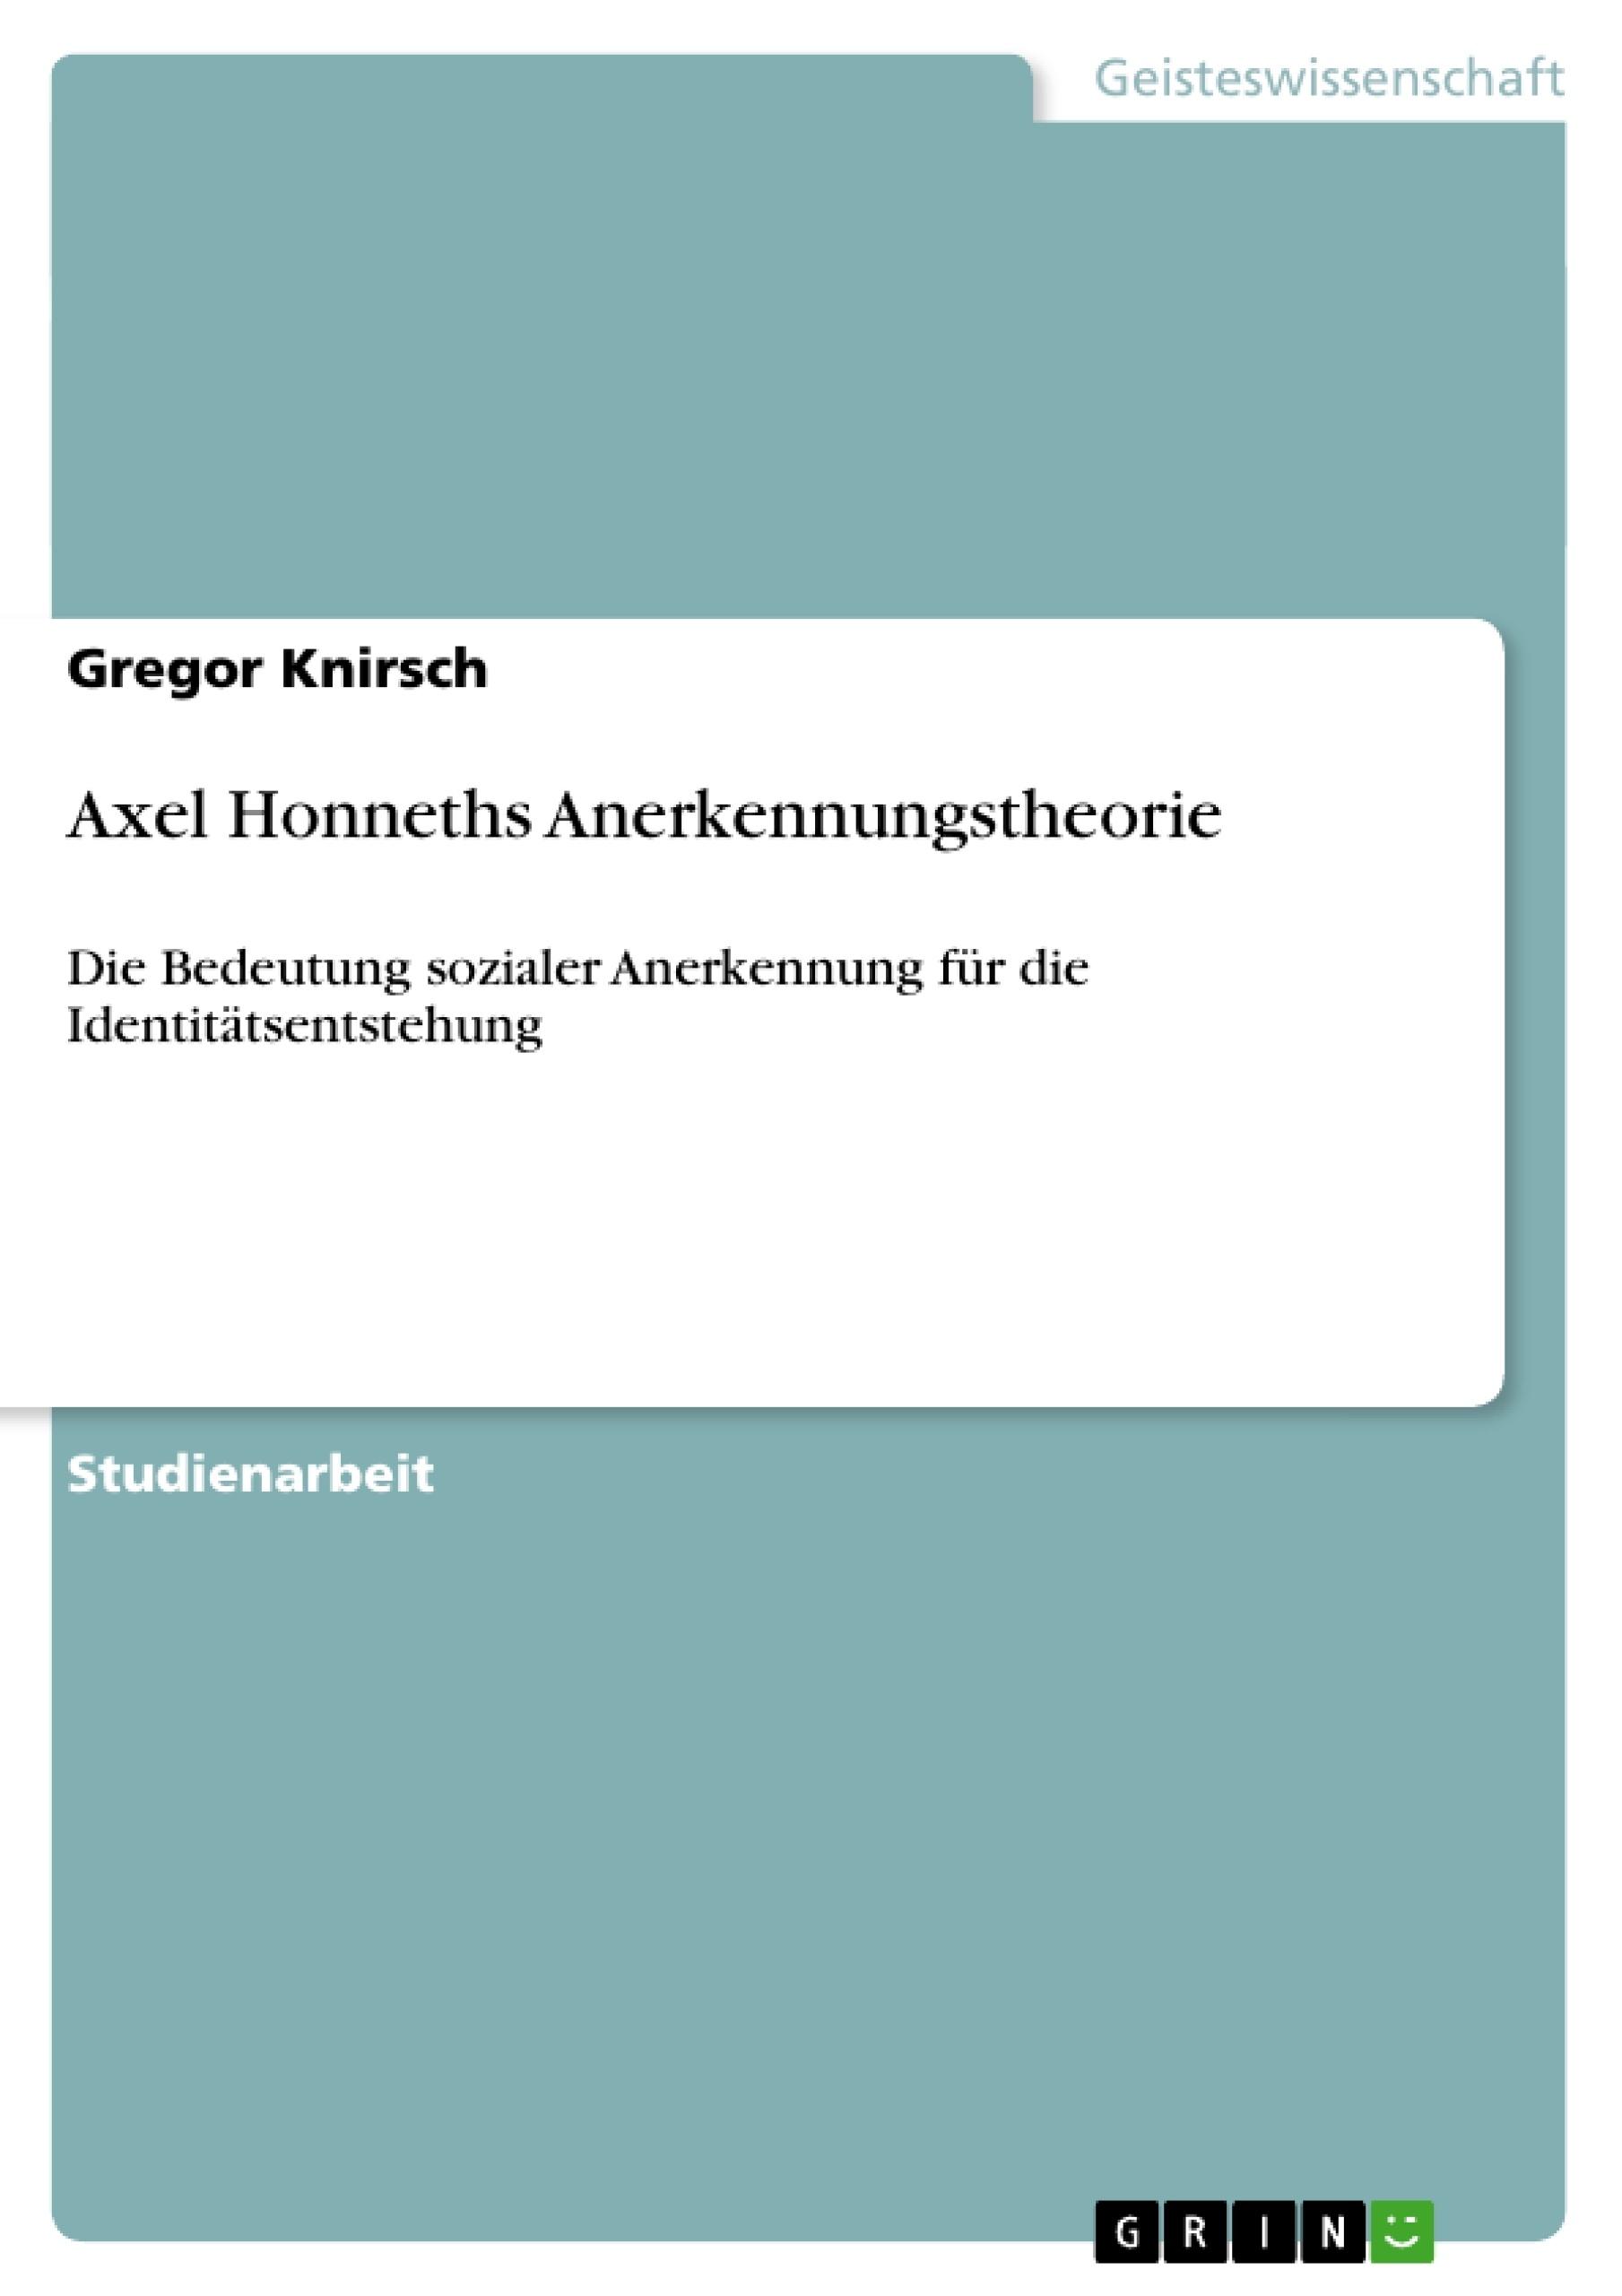 Titel: Axel Honneths Anerkennungstheorie